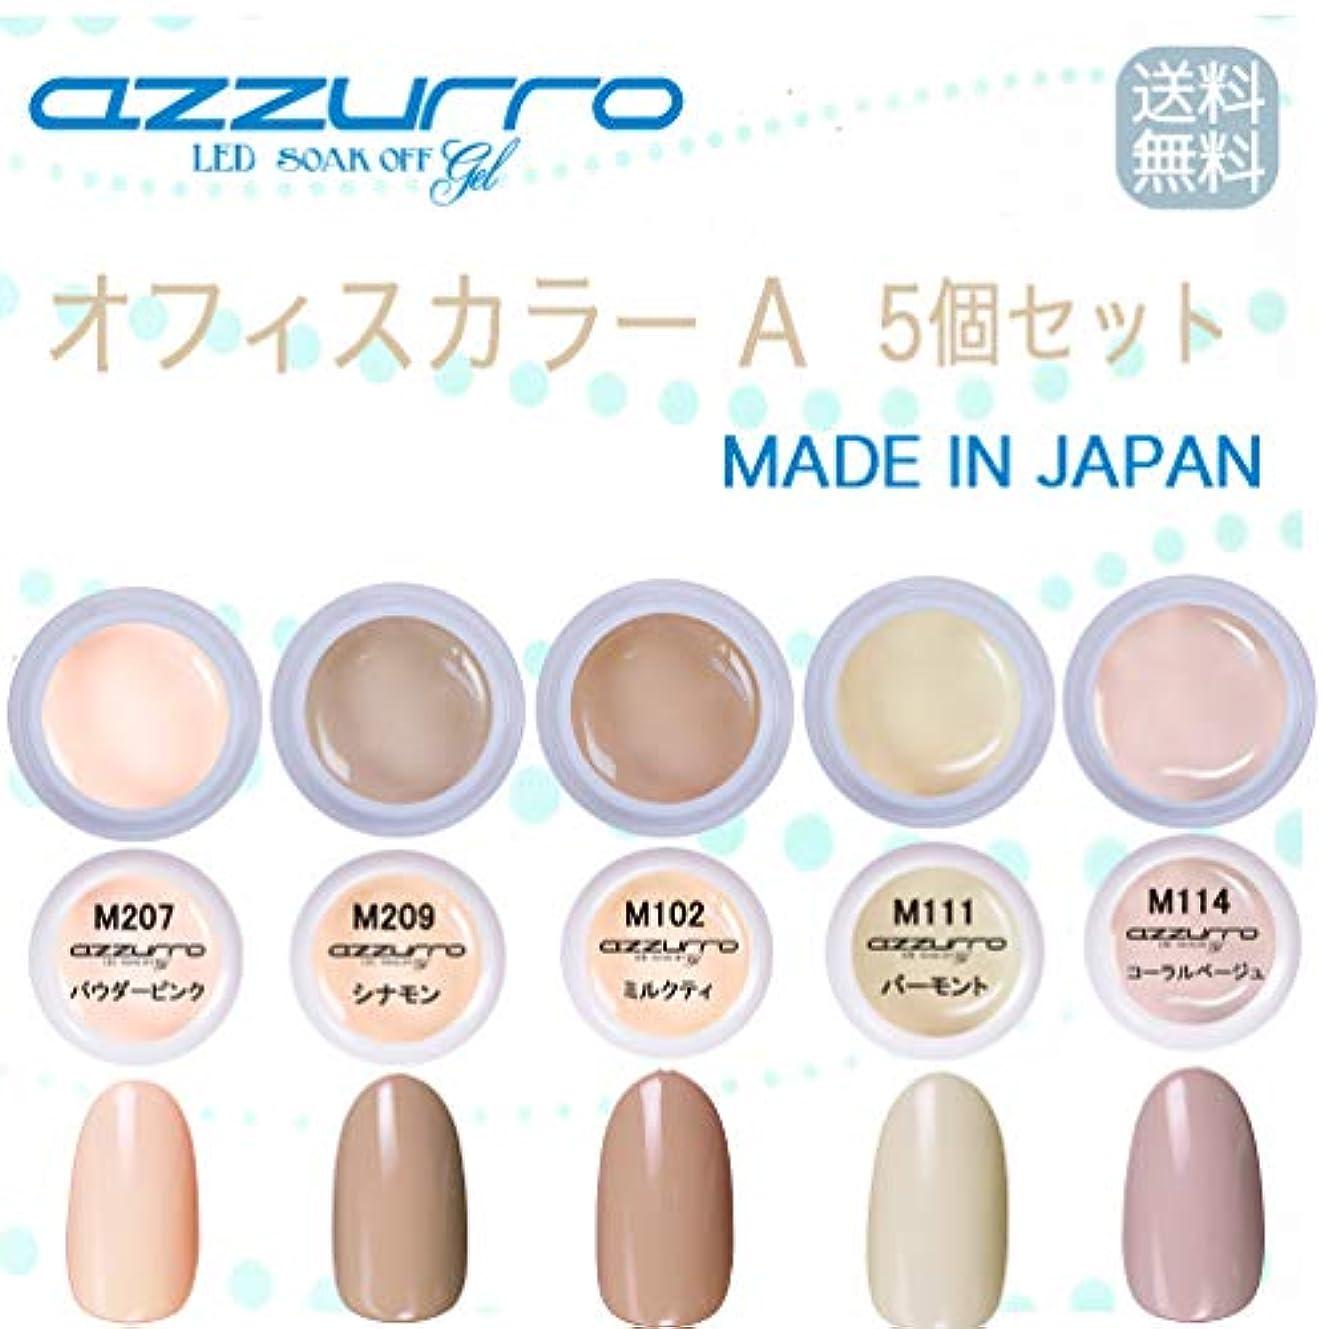 略奪トチの実の木不利益【送料無料】日本製 azzurro gel オフィスカラージェルA5個セット オフィスでも人気のカラーをセット